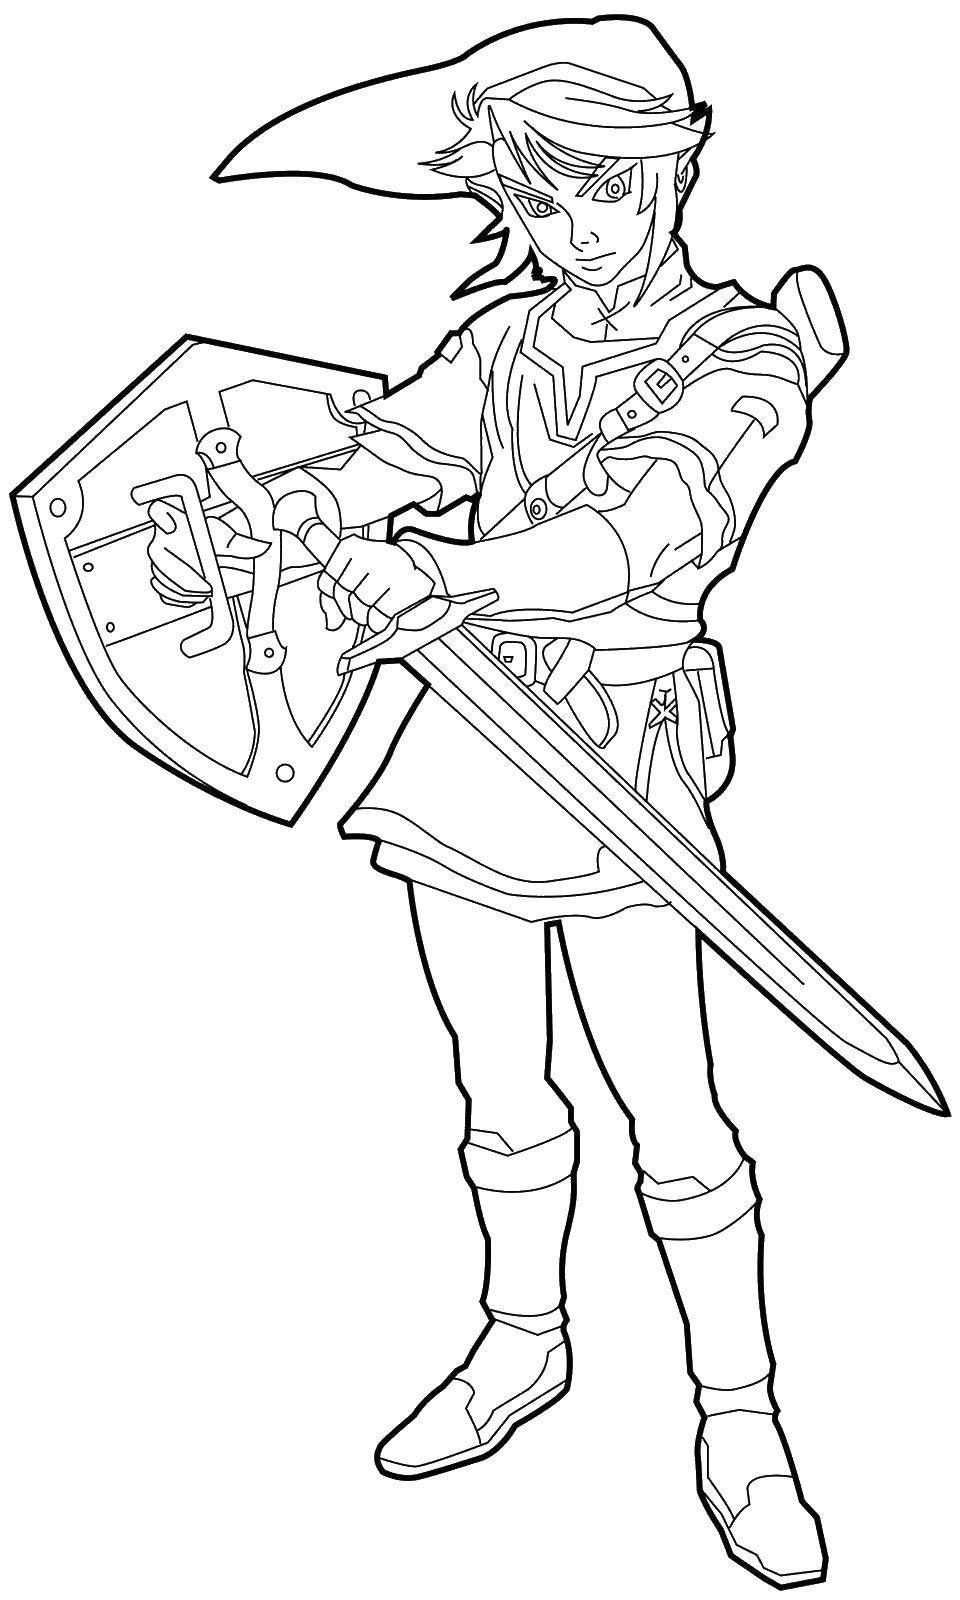 Раскраска Красивый рыцарь. Скачать рыцари, доспехи.  Распечатать ,Рыцари,